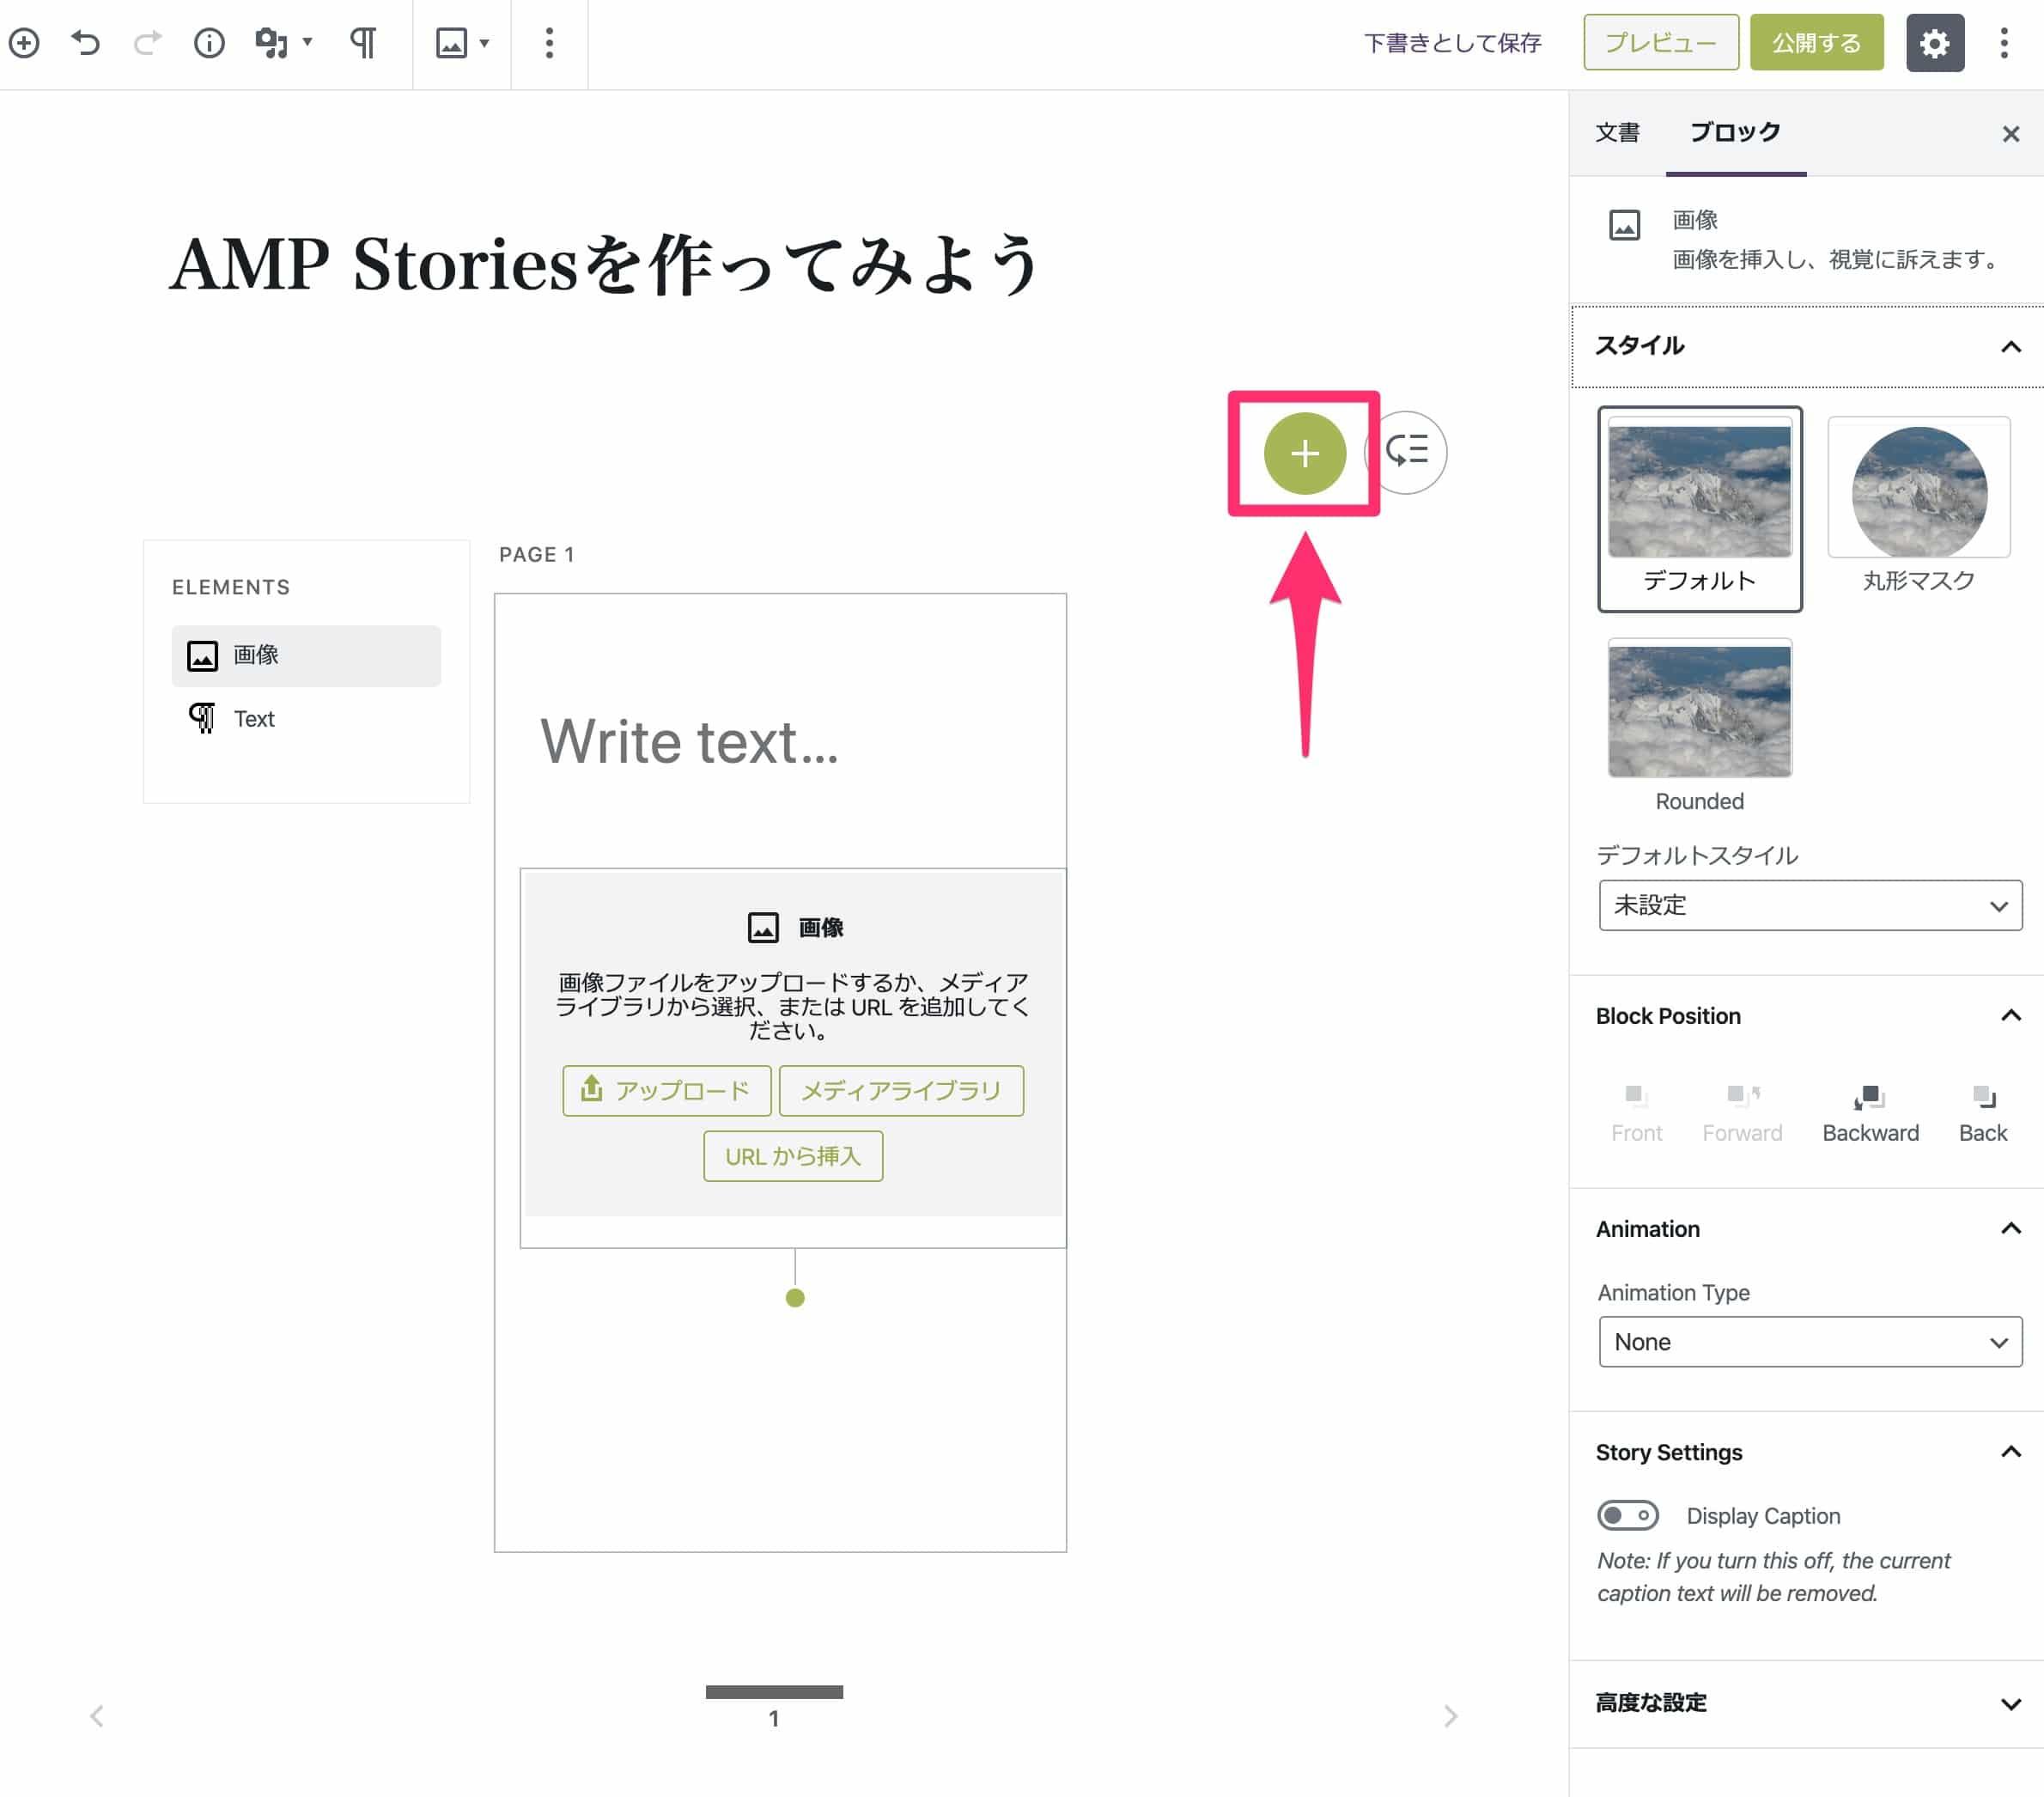 AMP Storiesのストーリーを増やす